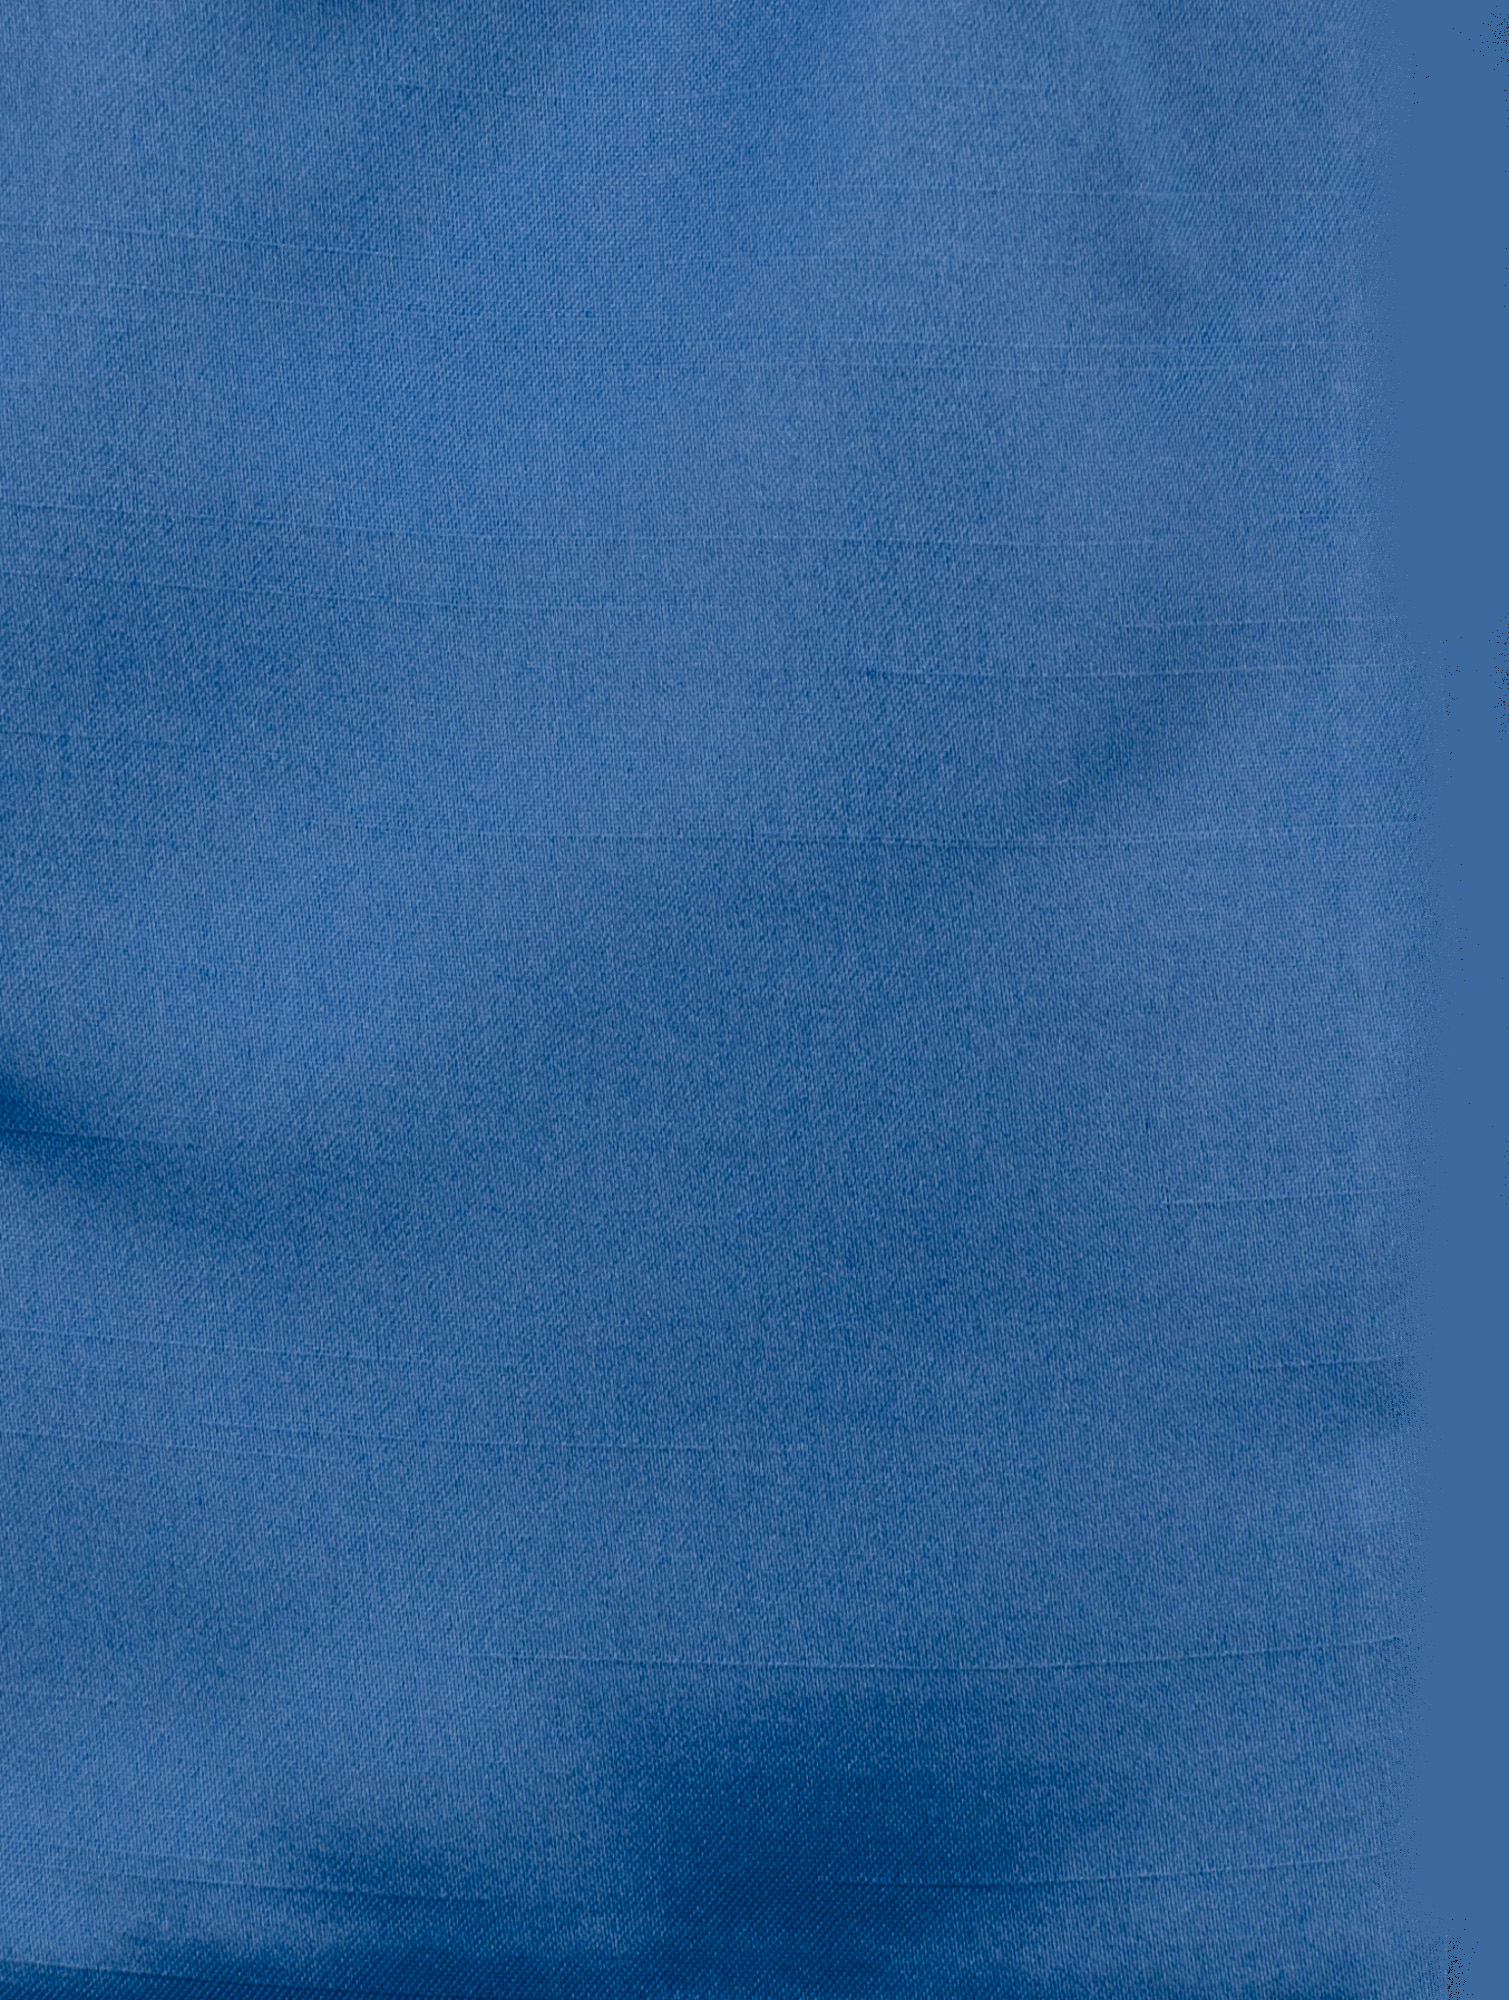 Ocean Blue (49)